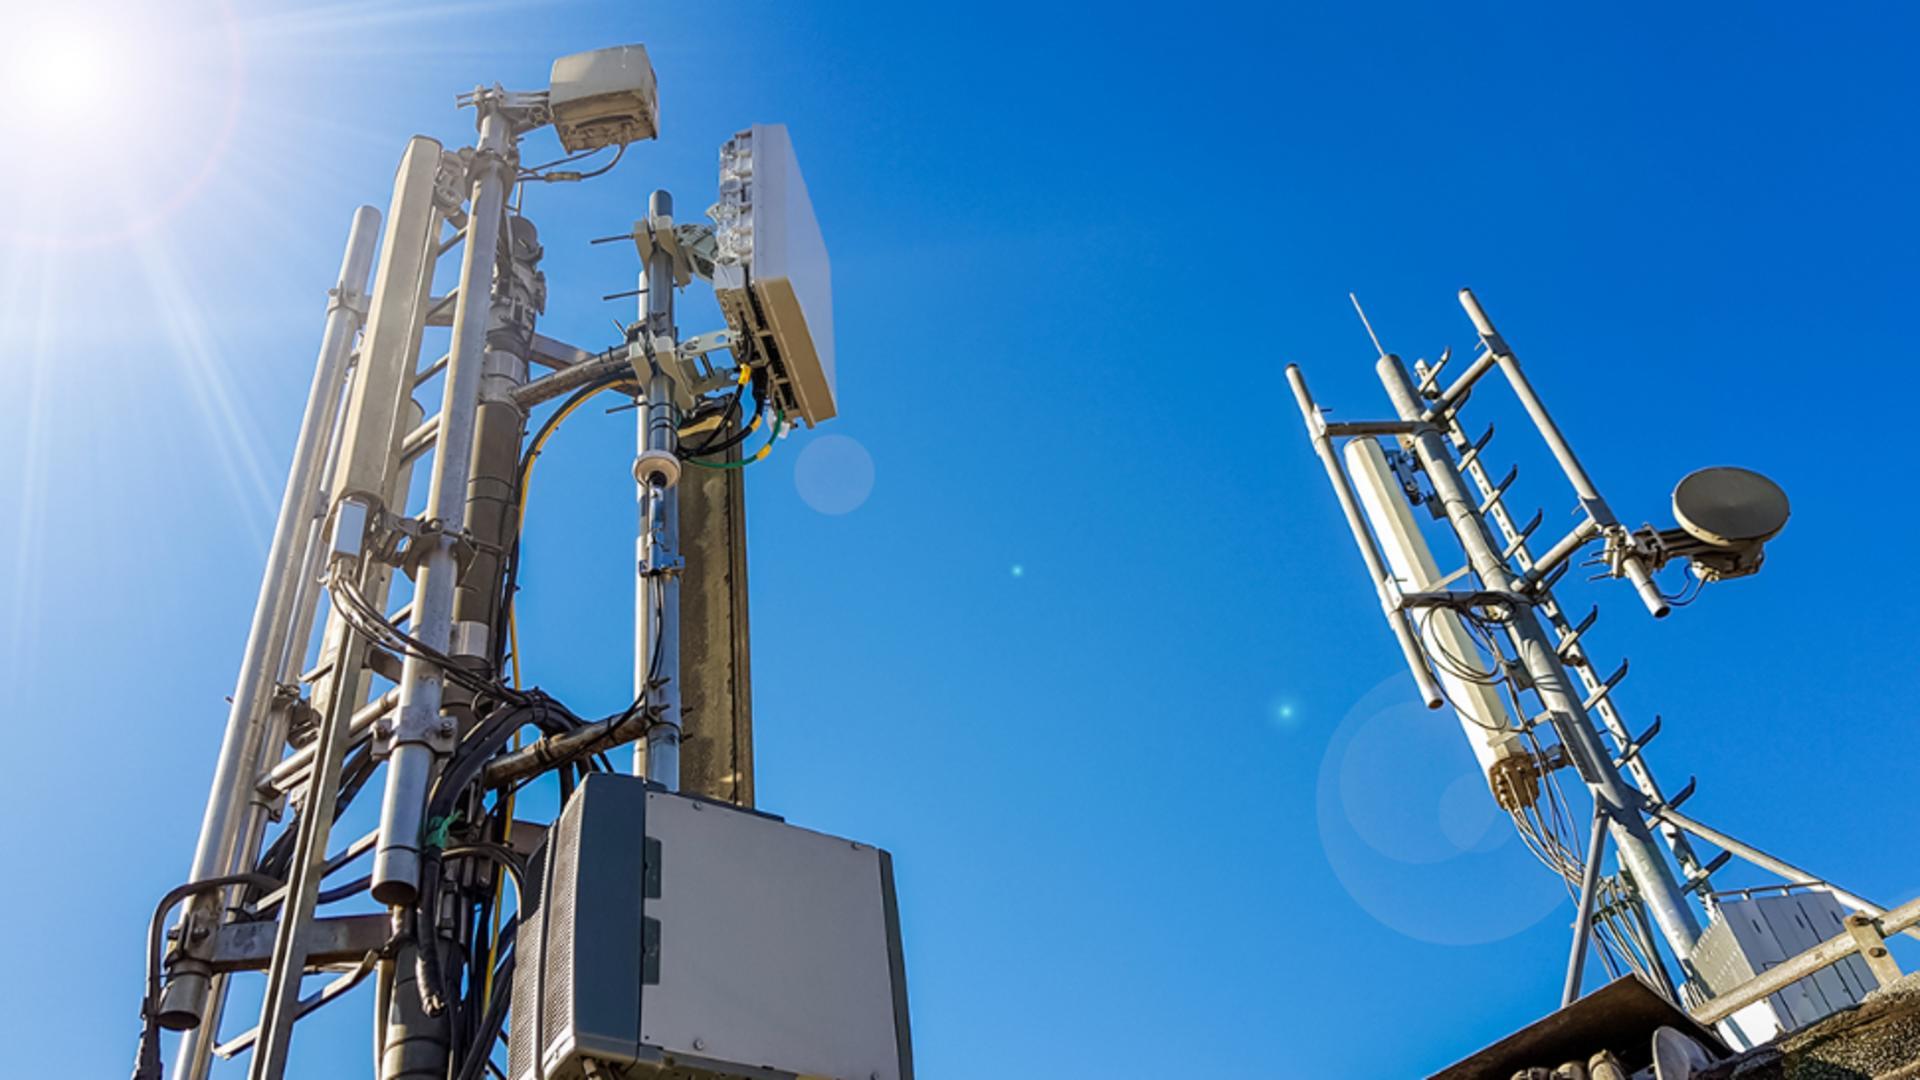 Antene de telefonie mobilă